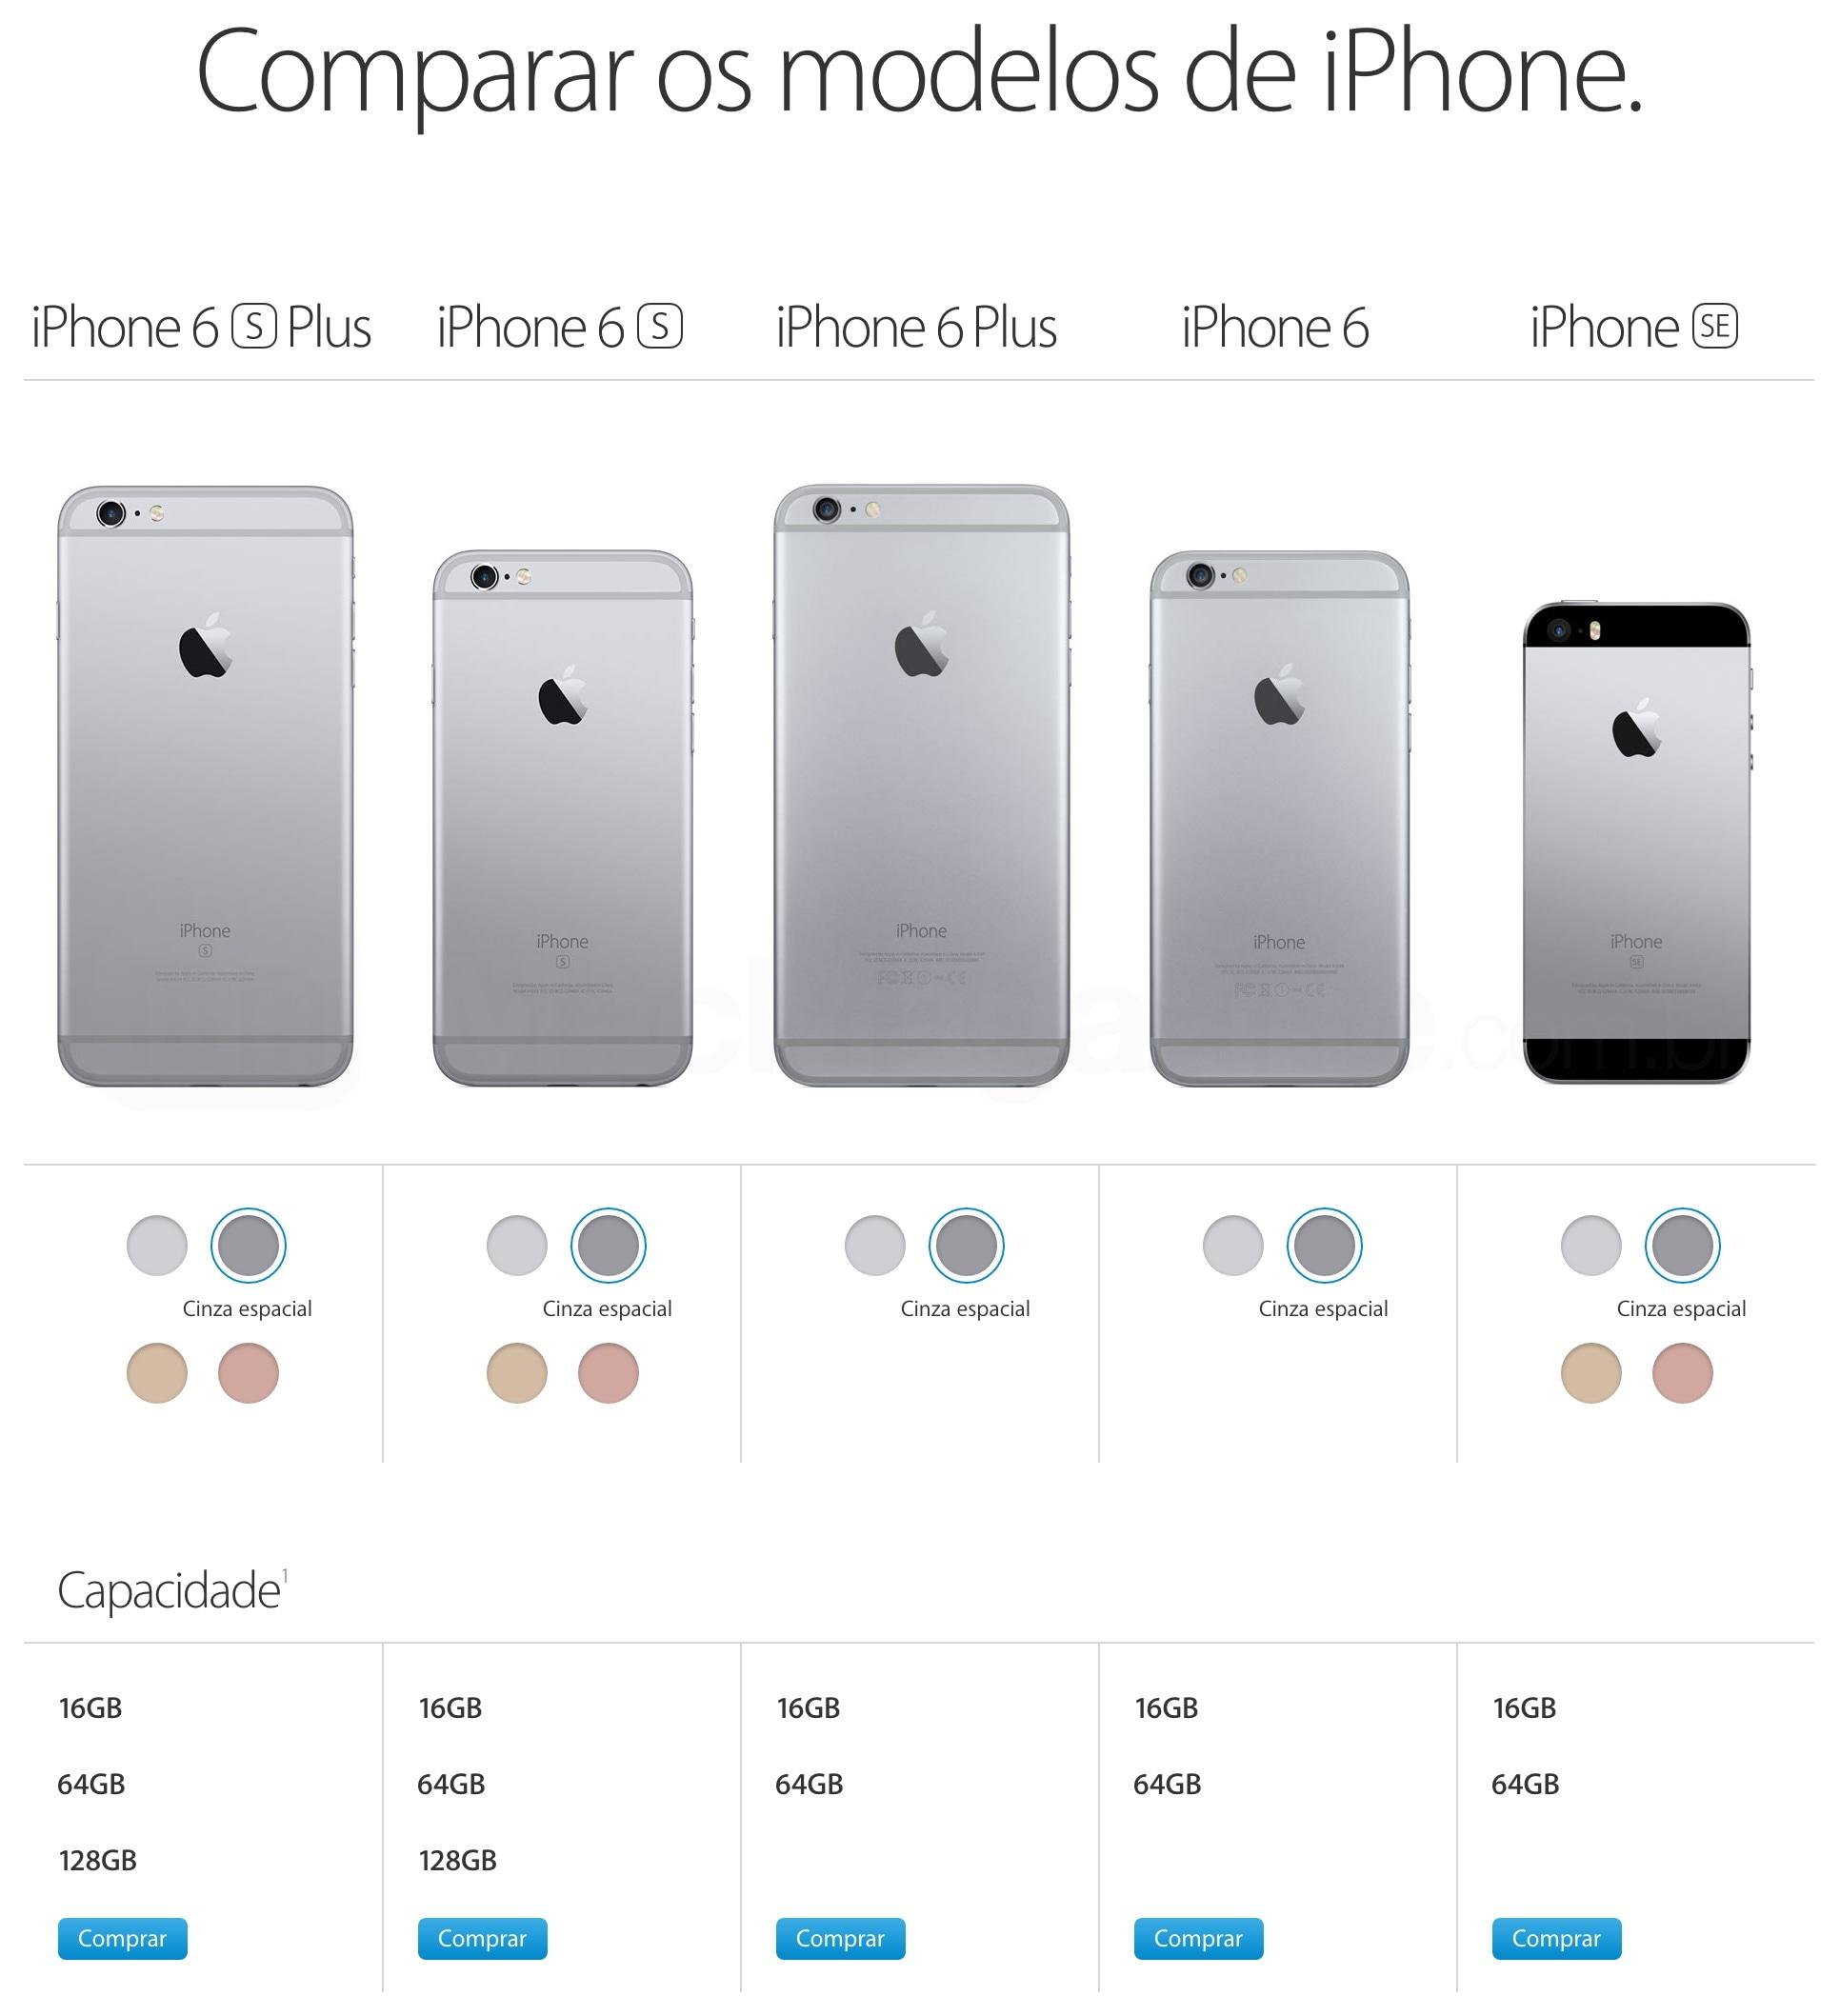 Capacidades de armazenamento dos iPhones 6s, 6 e SE